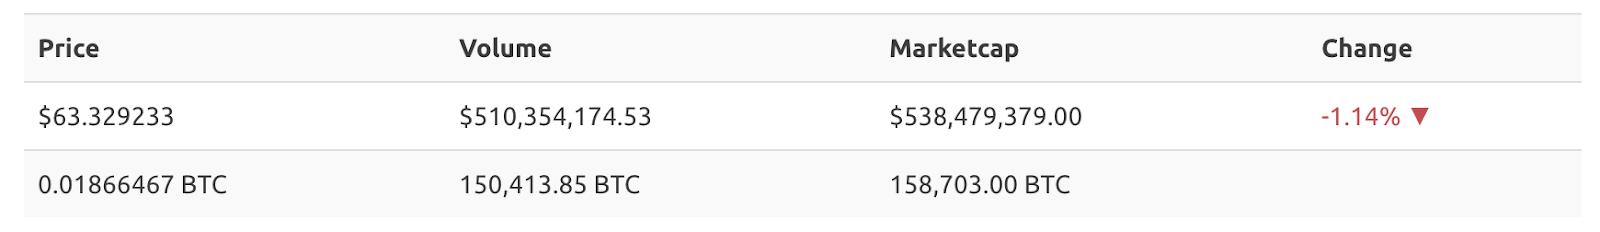 investment exchange Dash